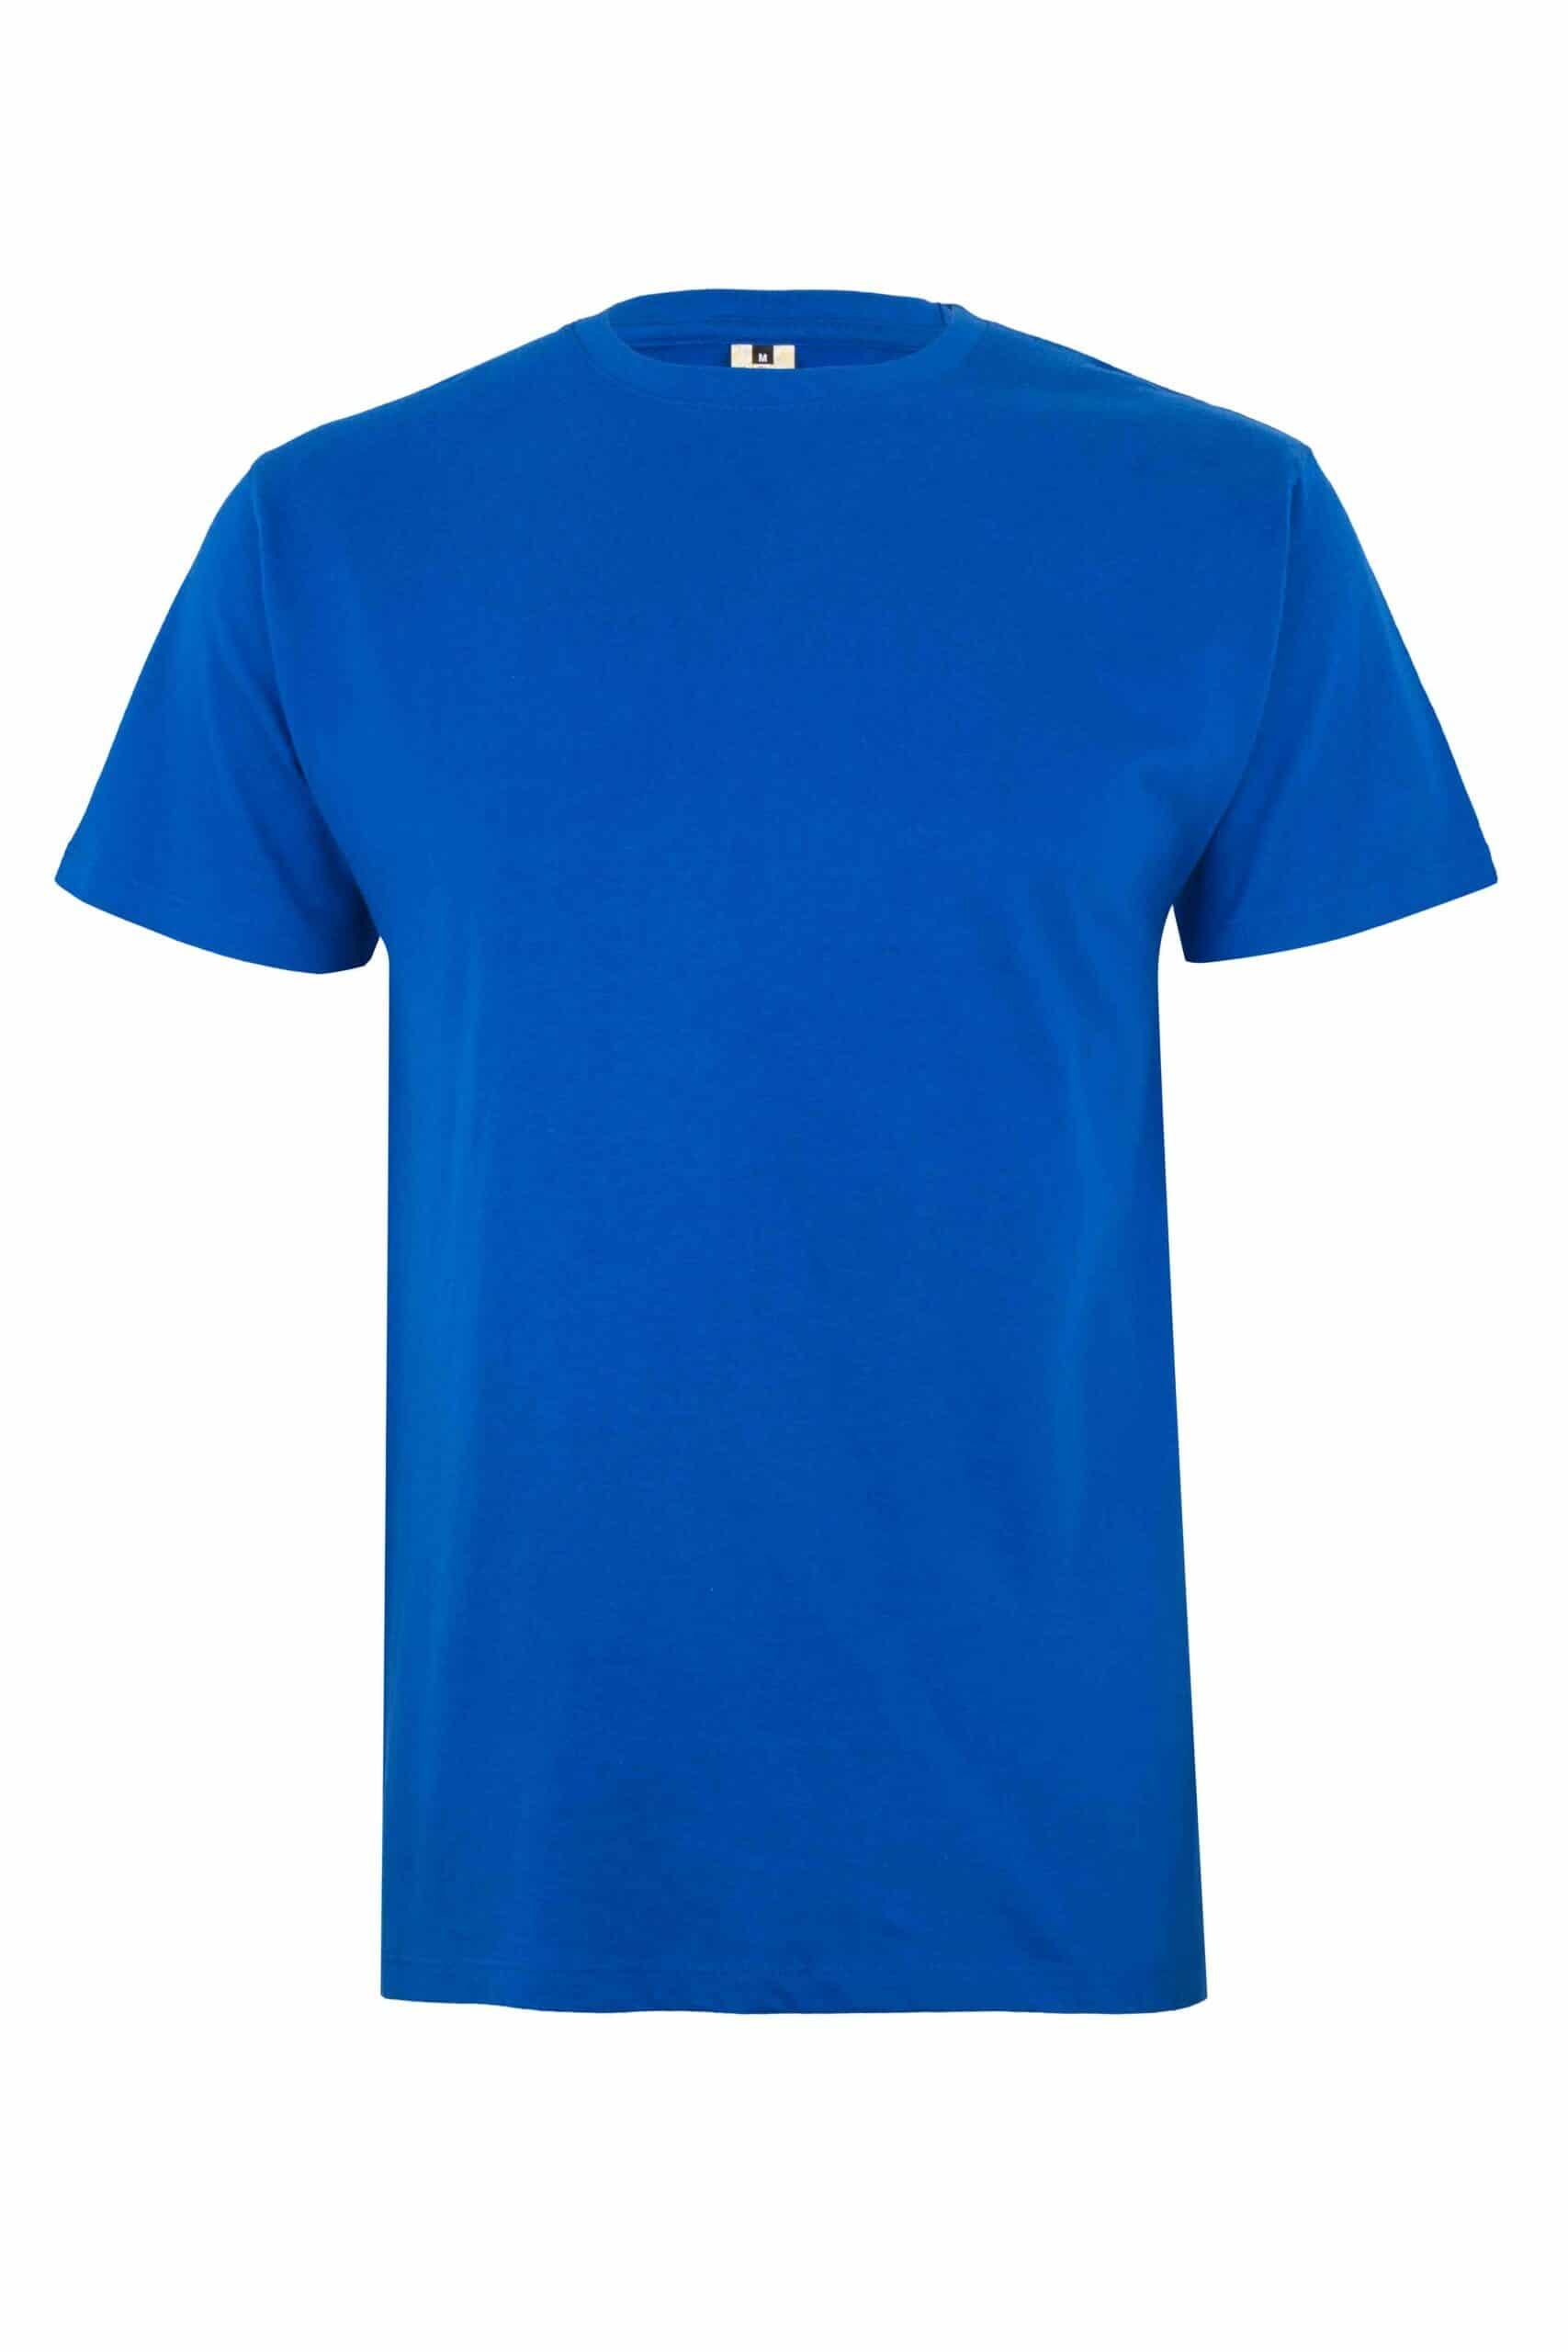 Mukua Mk023cv Camiseta Manga Corta Color 190gr Royal Blue